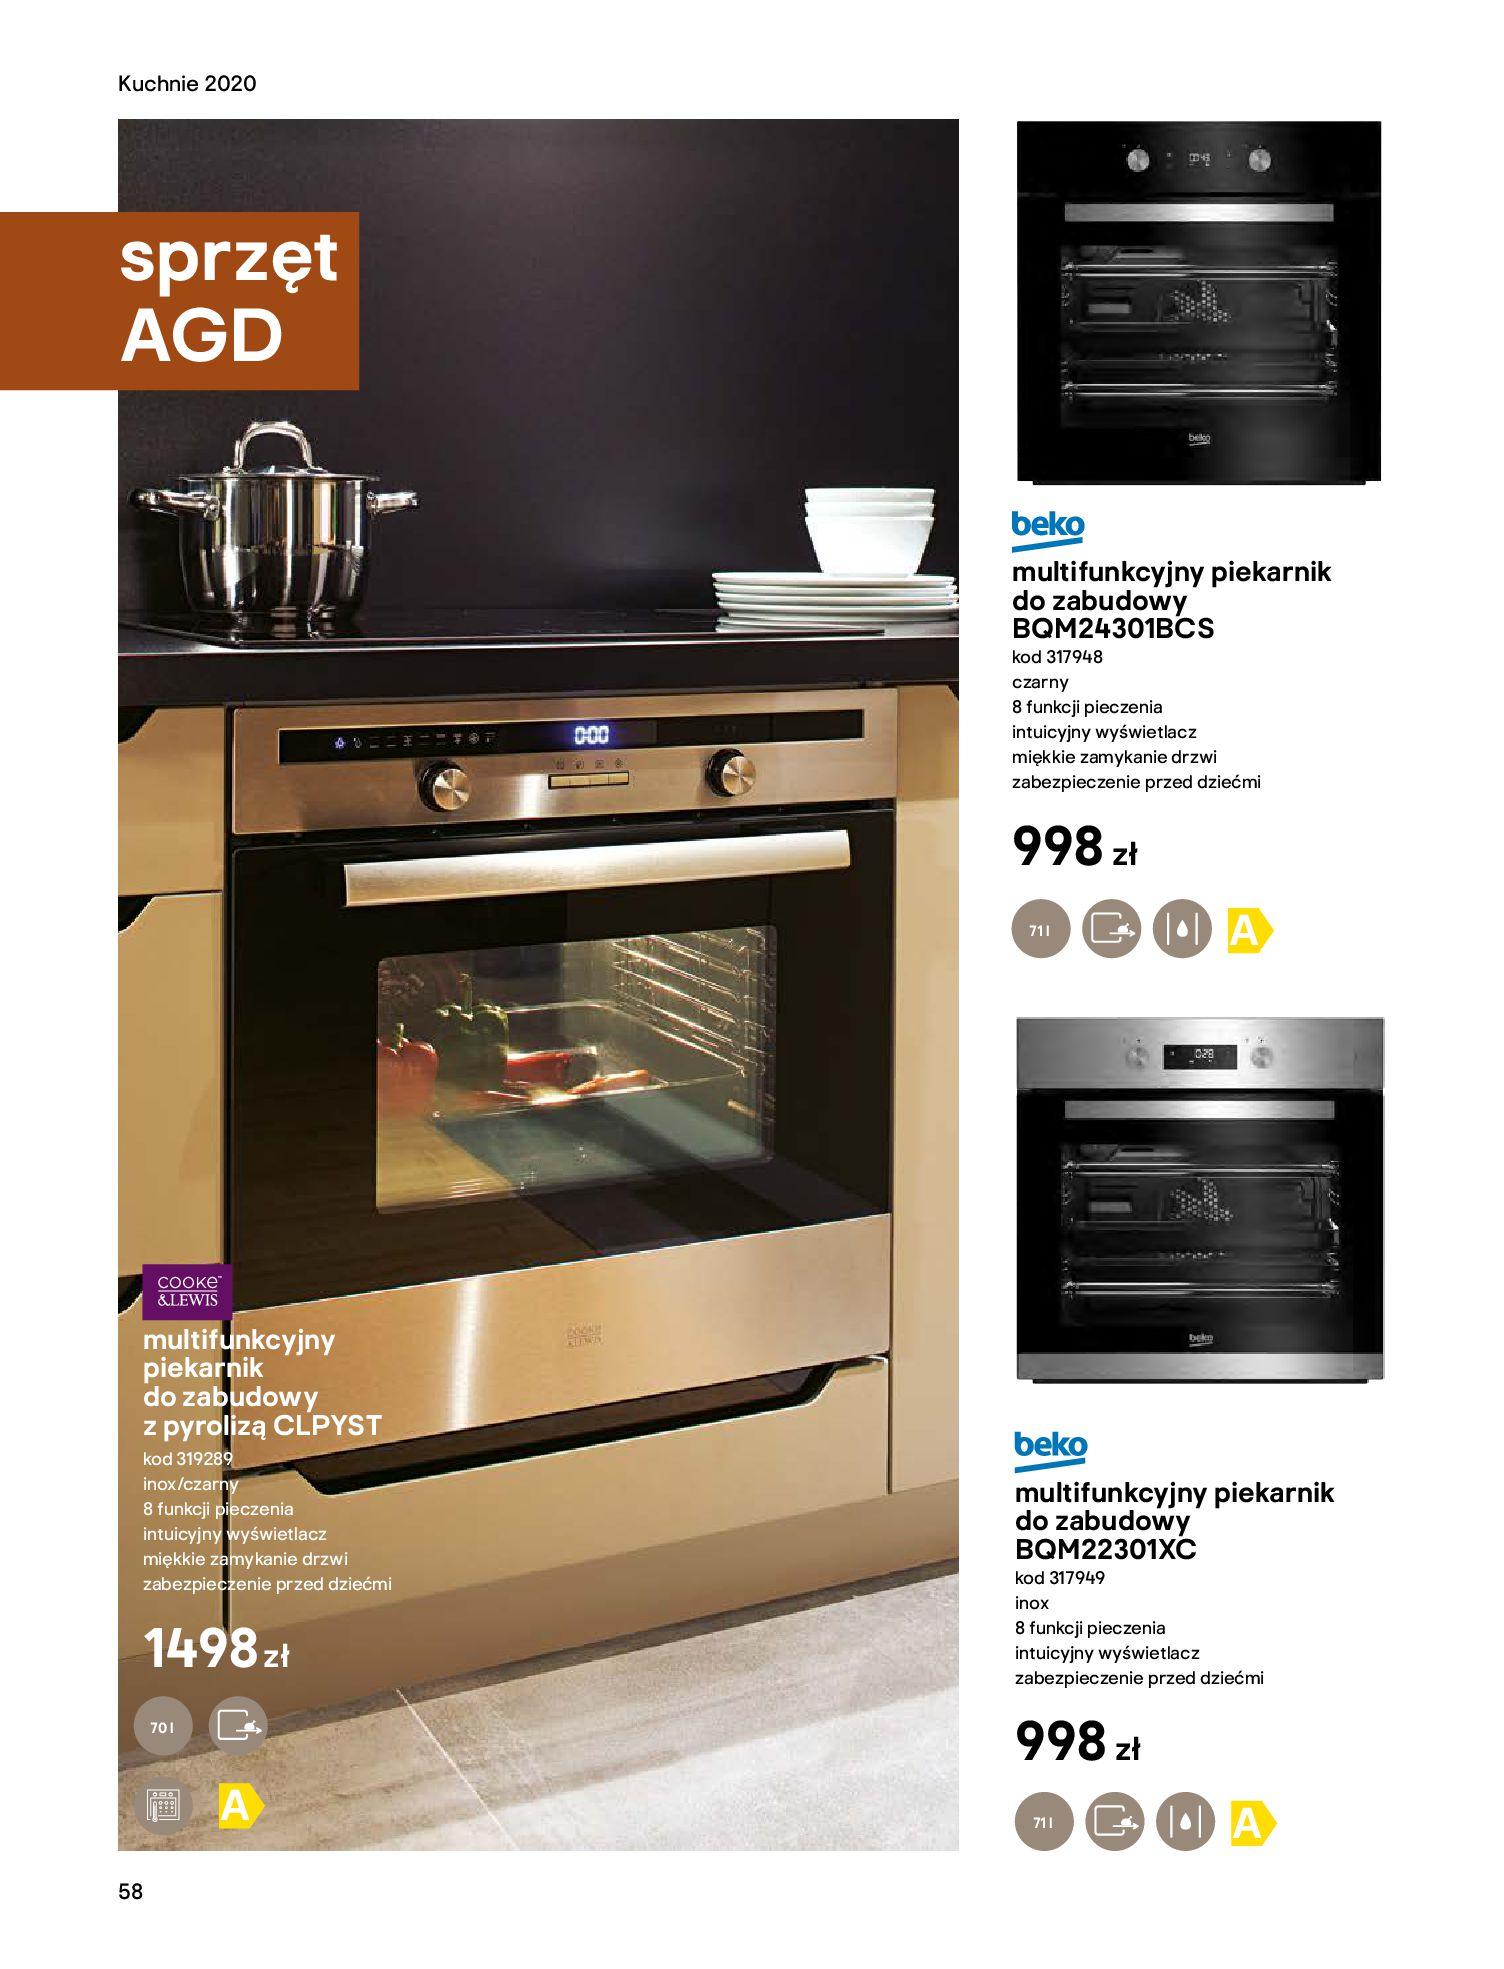 Gazetka Castorama - Katalog Kuchnie 2020-14.04.2020-31.12.2020-page-58